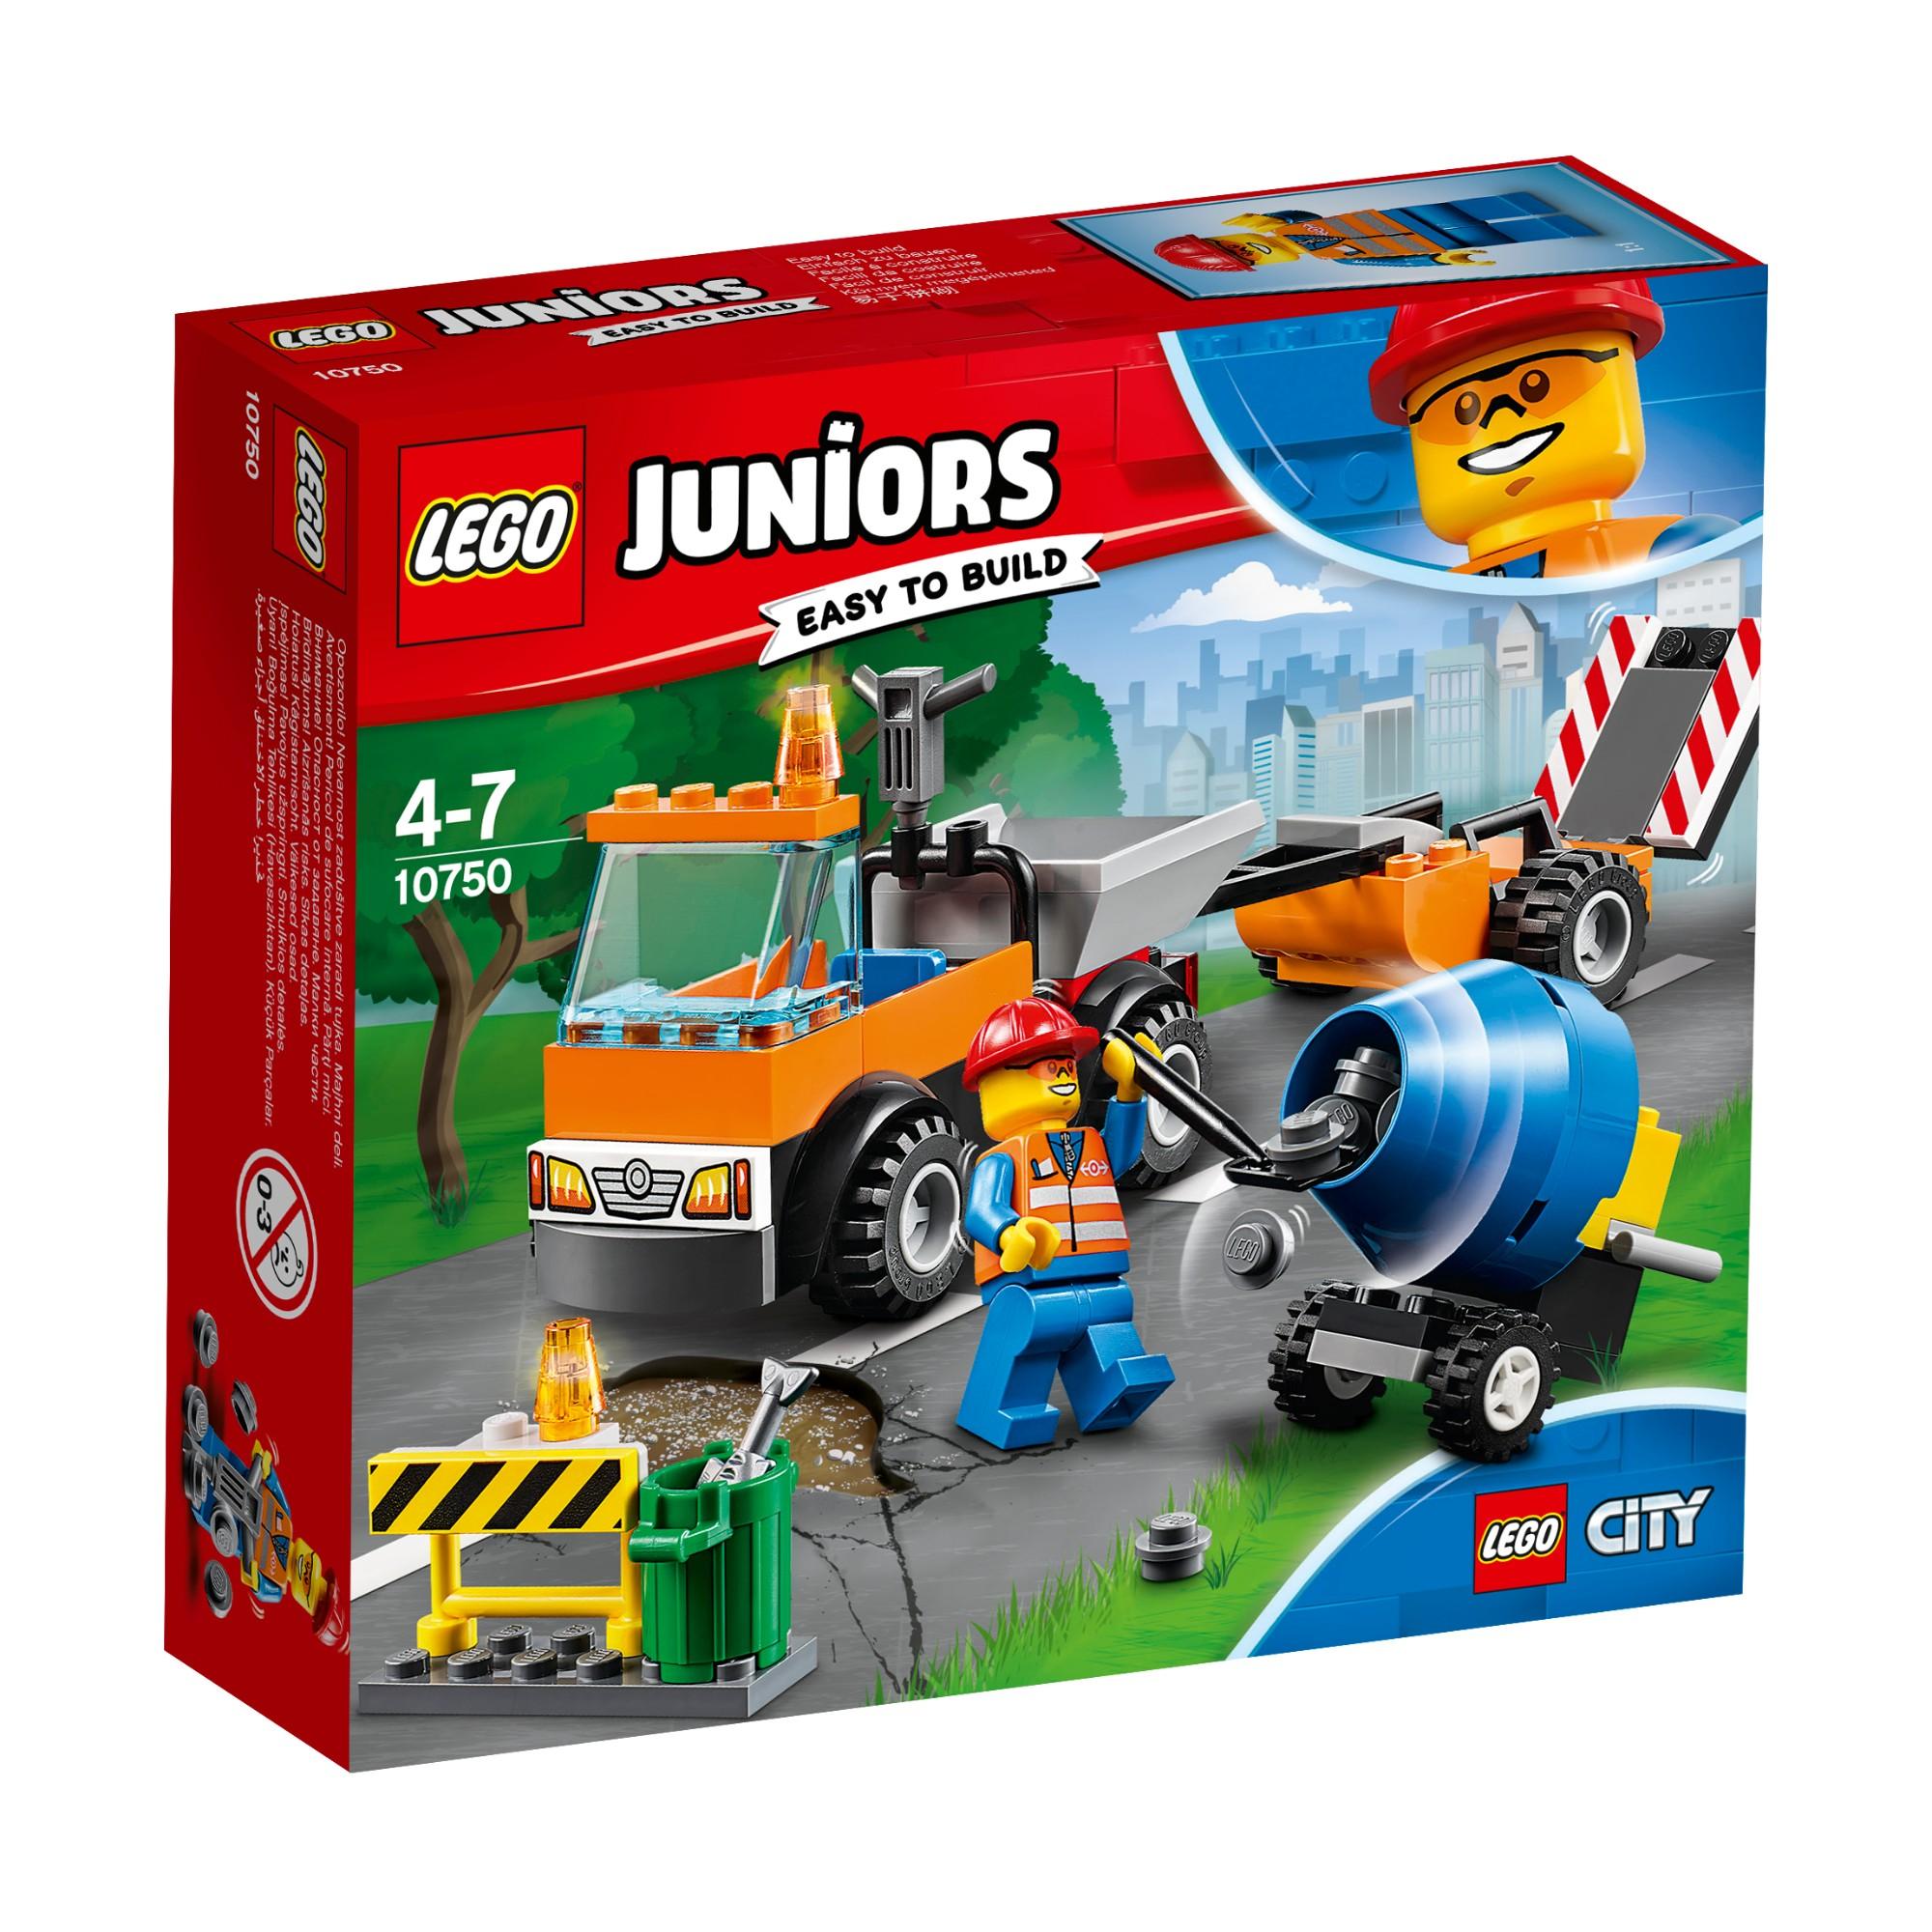 Konstruktorius LEGO JUNIORS Kelių remonto sunkvežimis 4-7 metų vaikams (10750)